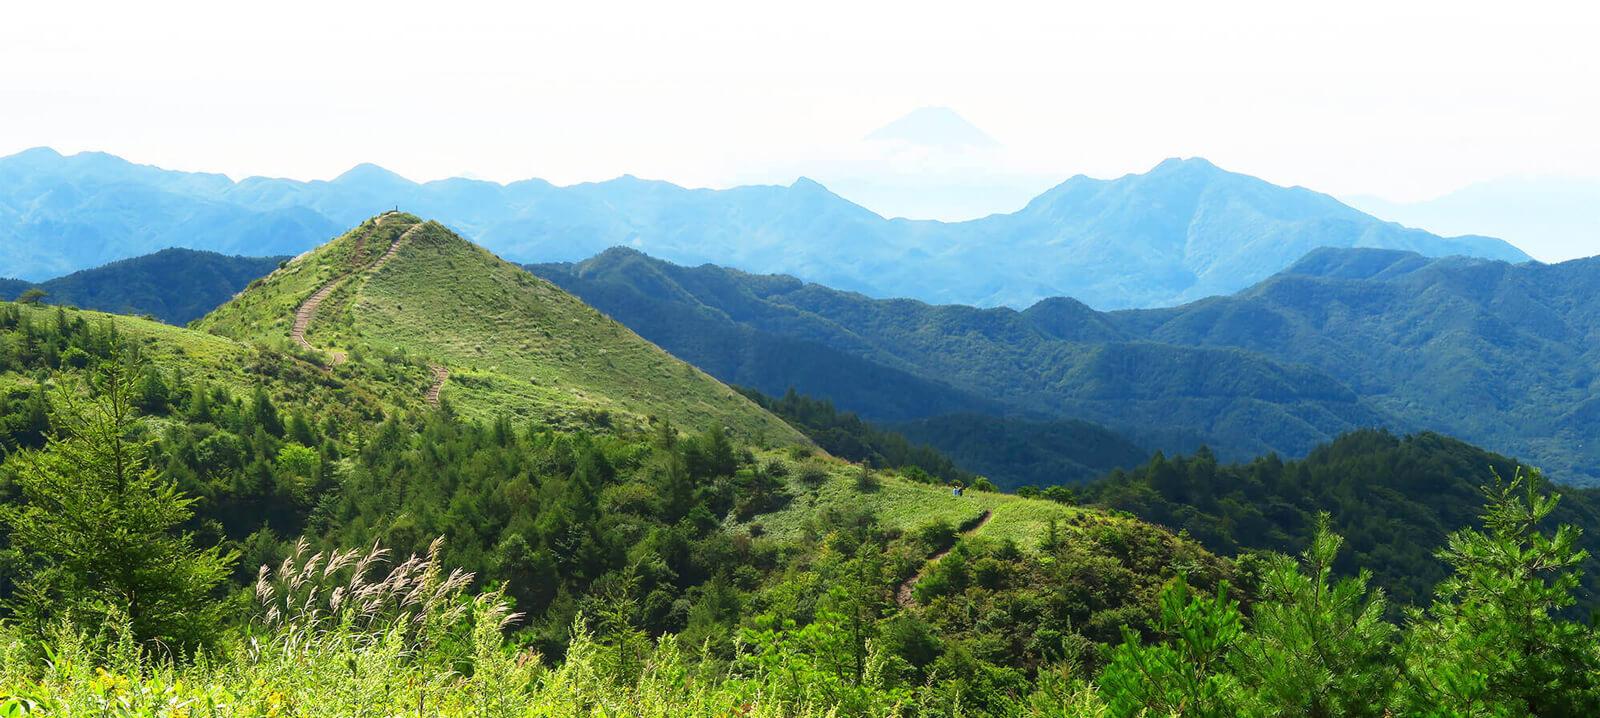 信州みなみまきむらの山々